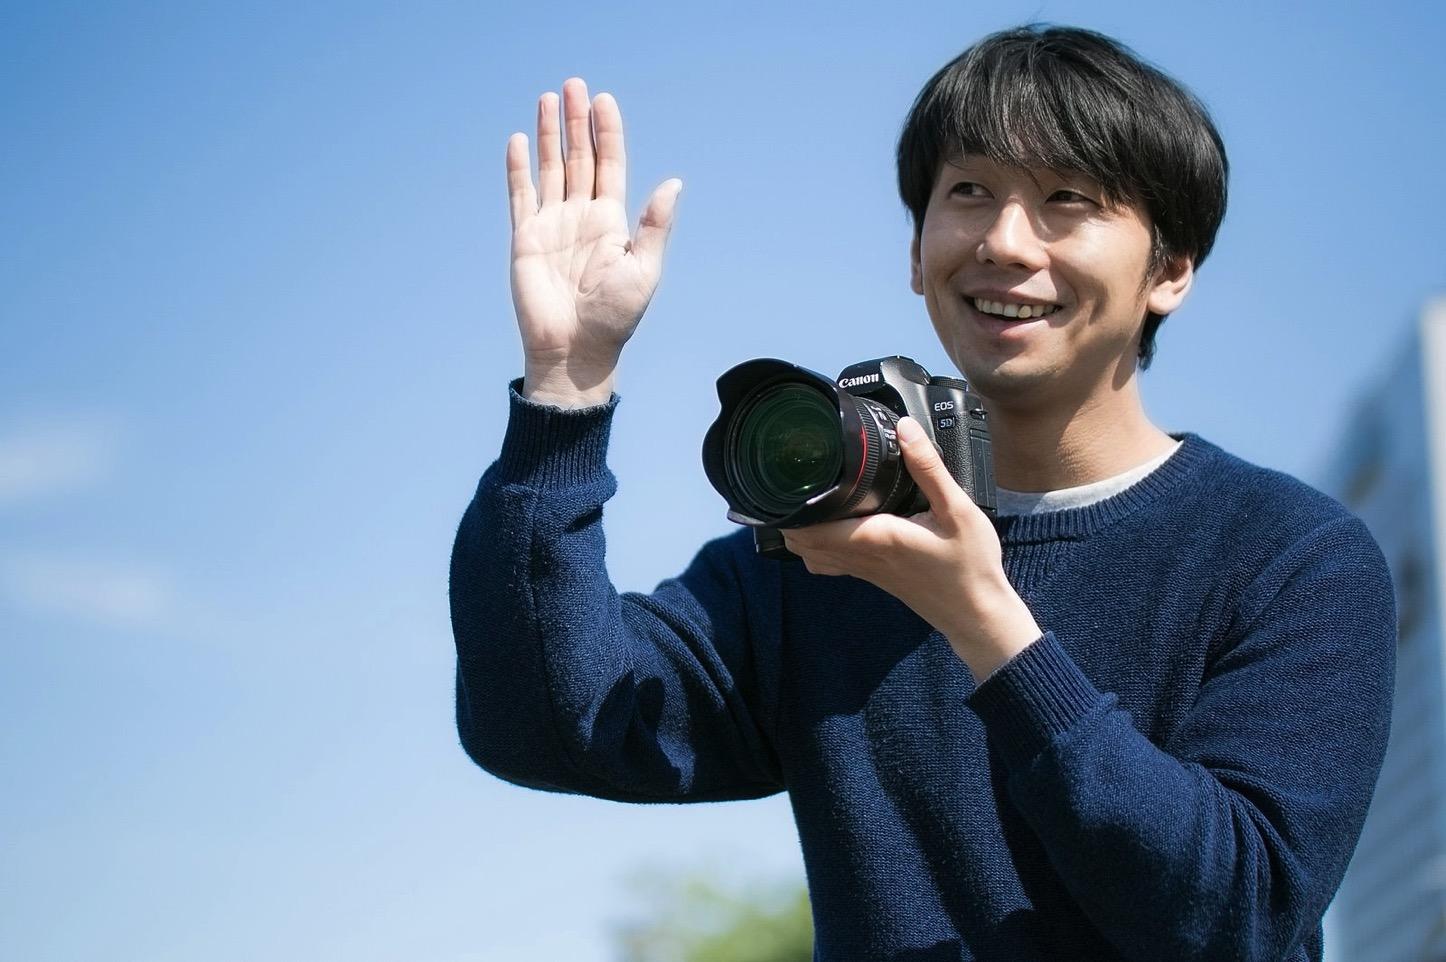 my-hobby-is-taking-photos-pakutaso.jpg